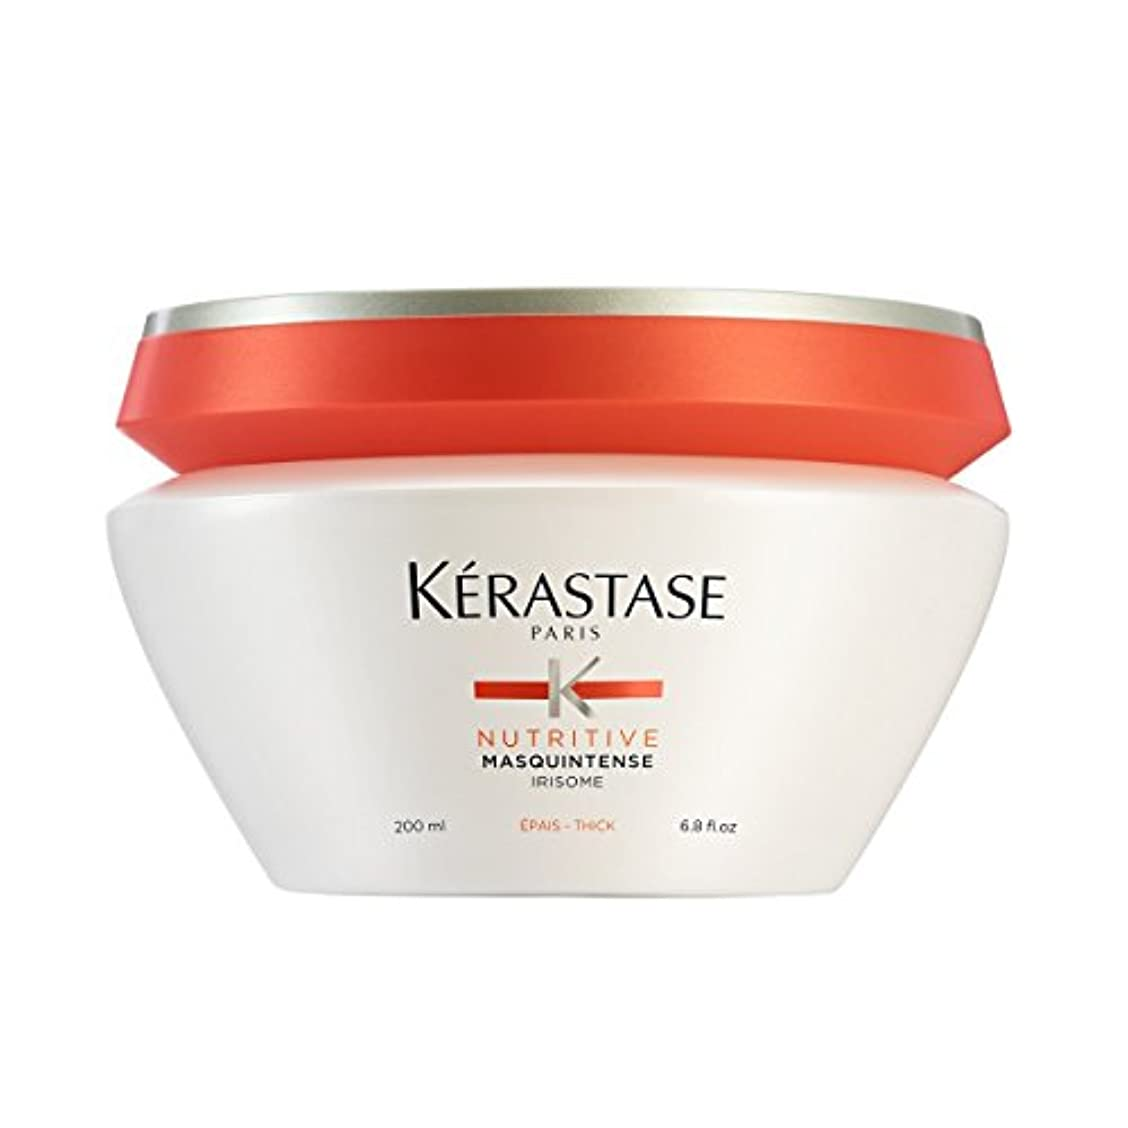 Kerastase Nutritive Masquintense Thick Hair 200ml